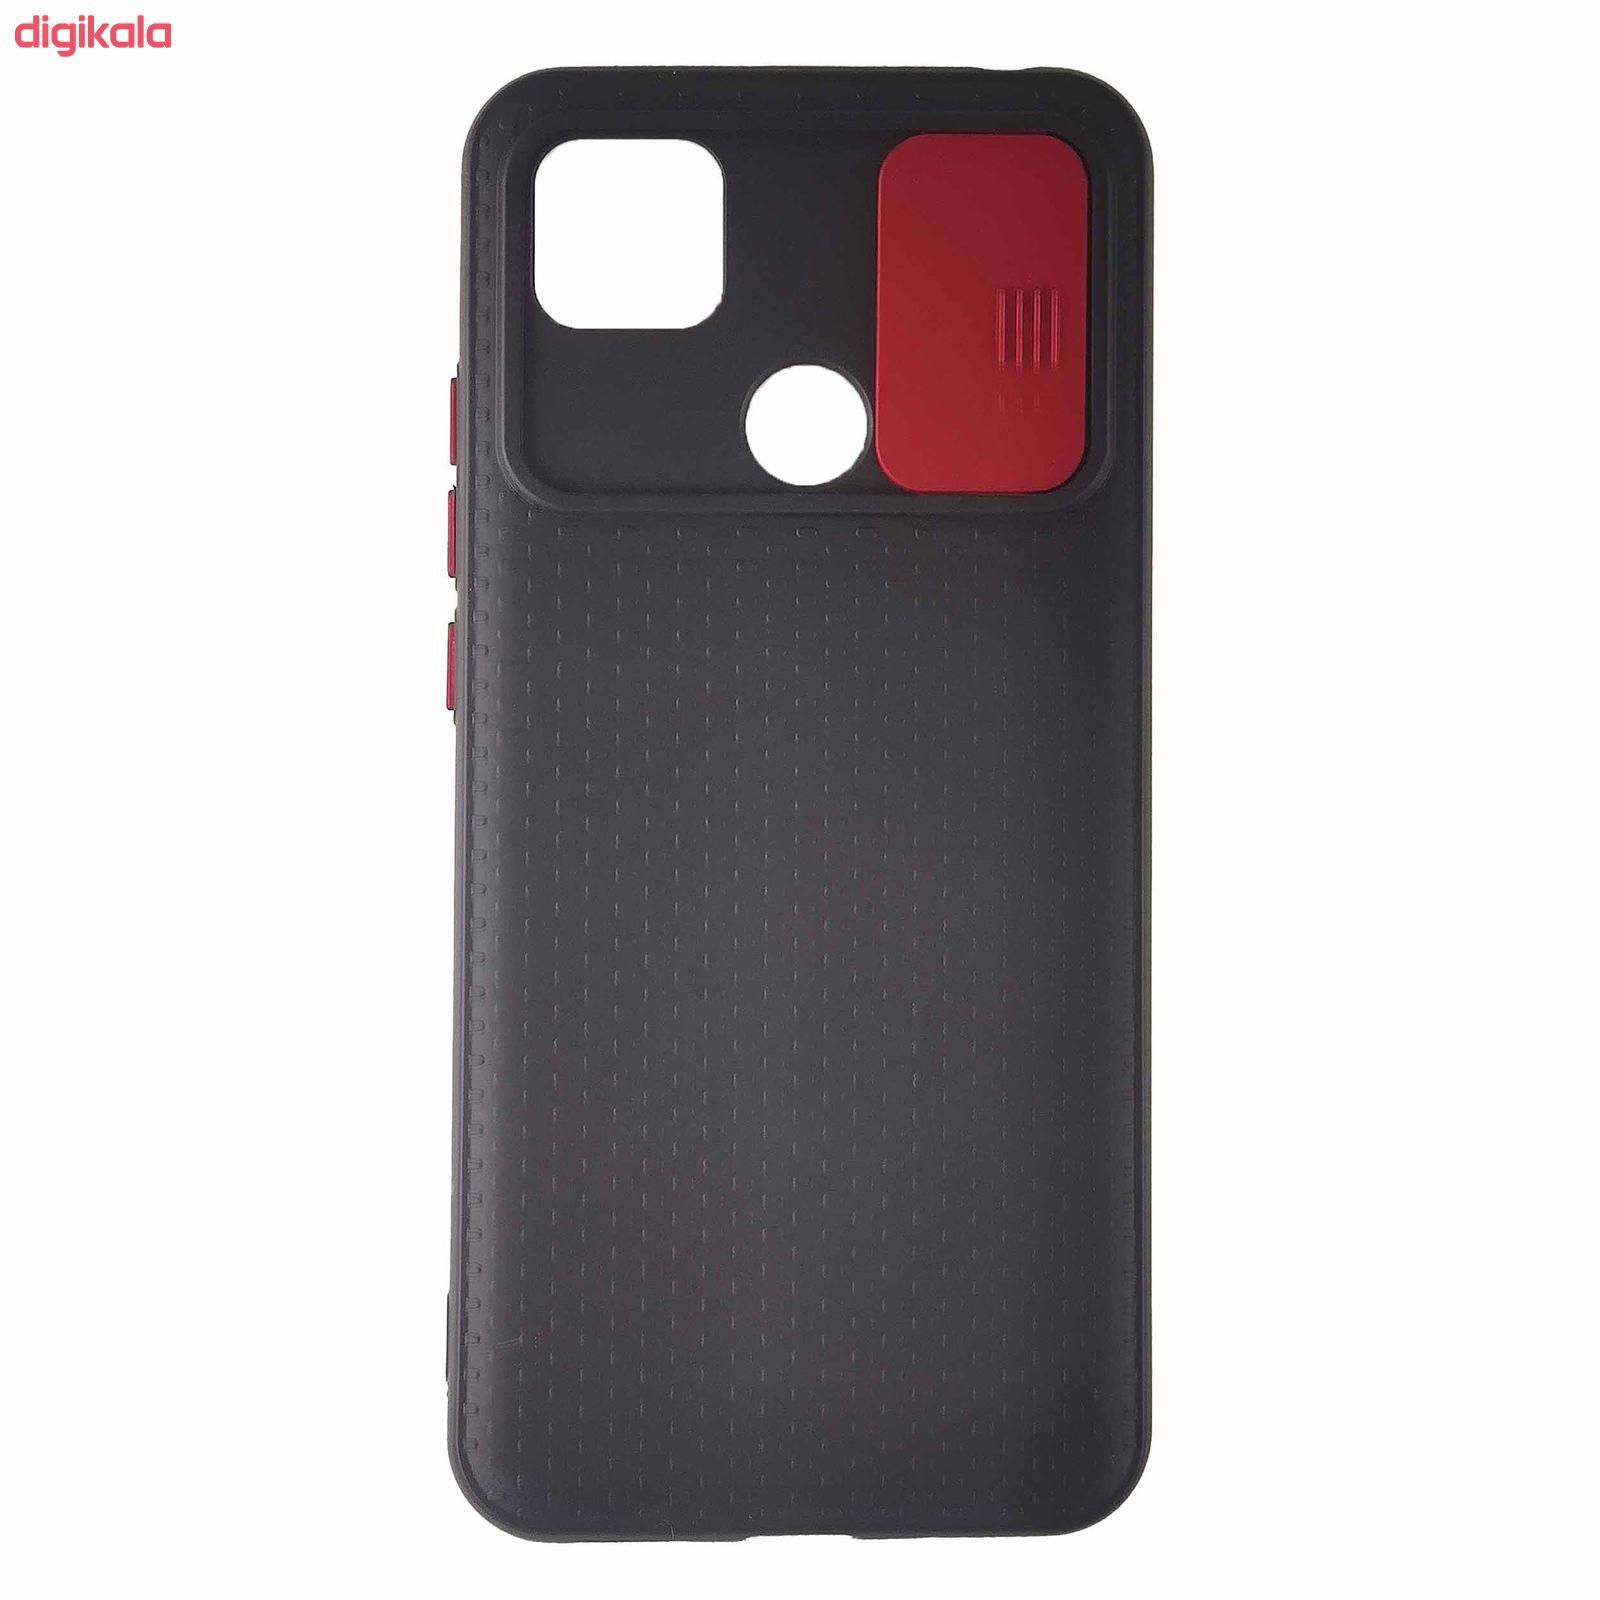 کاور مدل TEM مناسب برای گوشی موبایل شیائومی Redmi 9c main 1 6